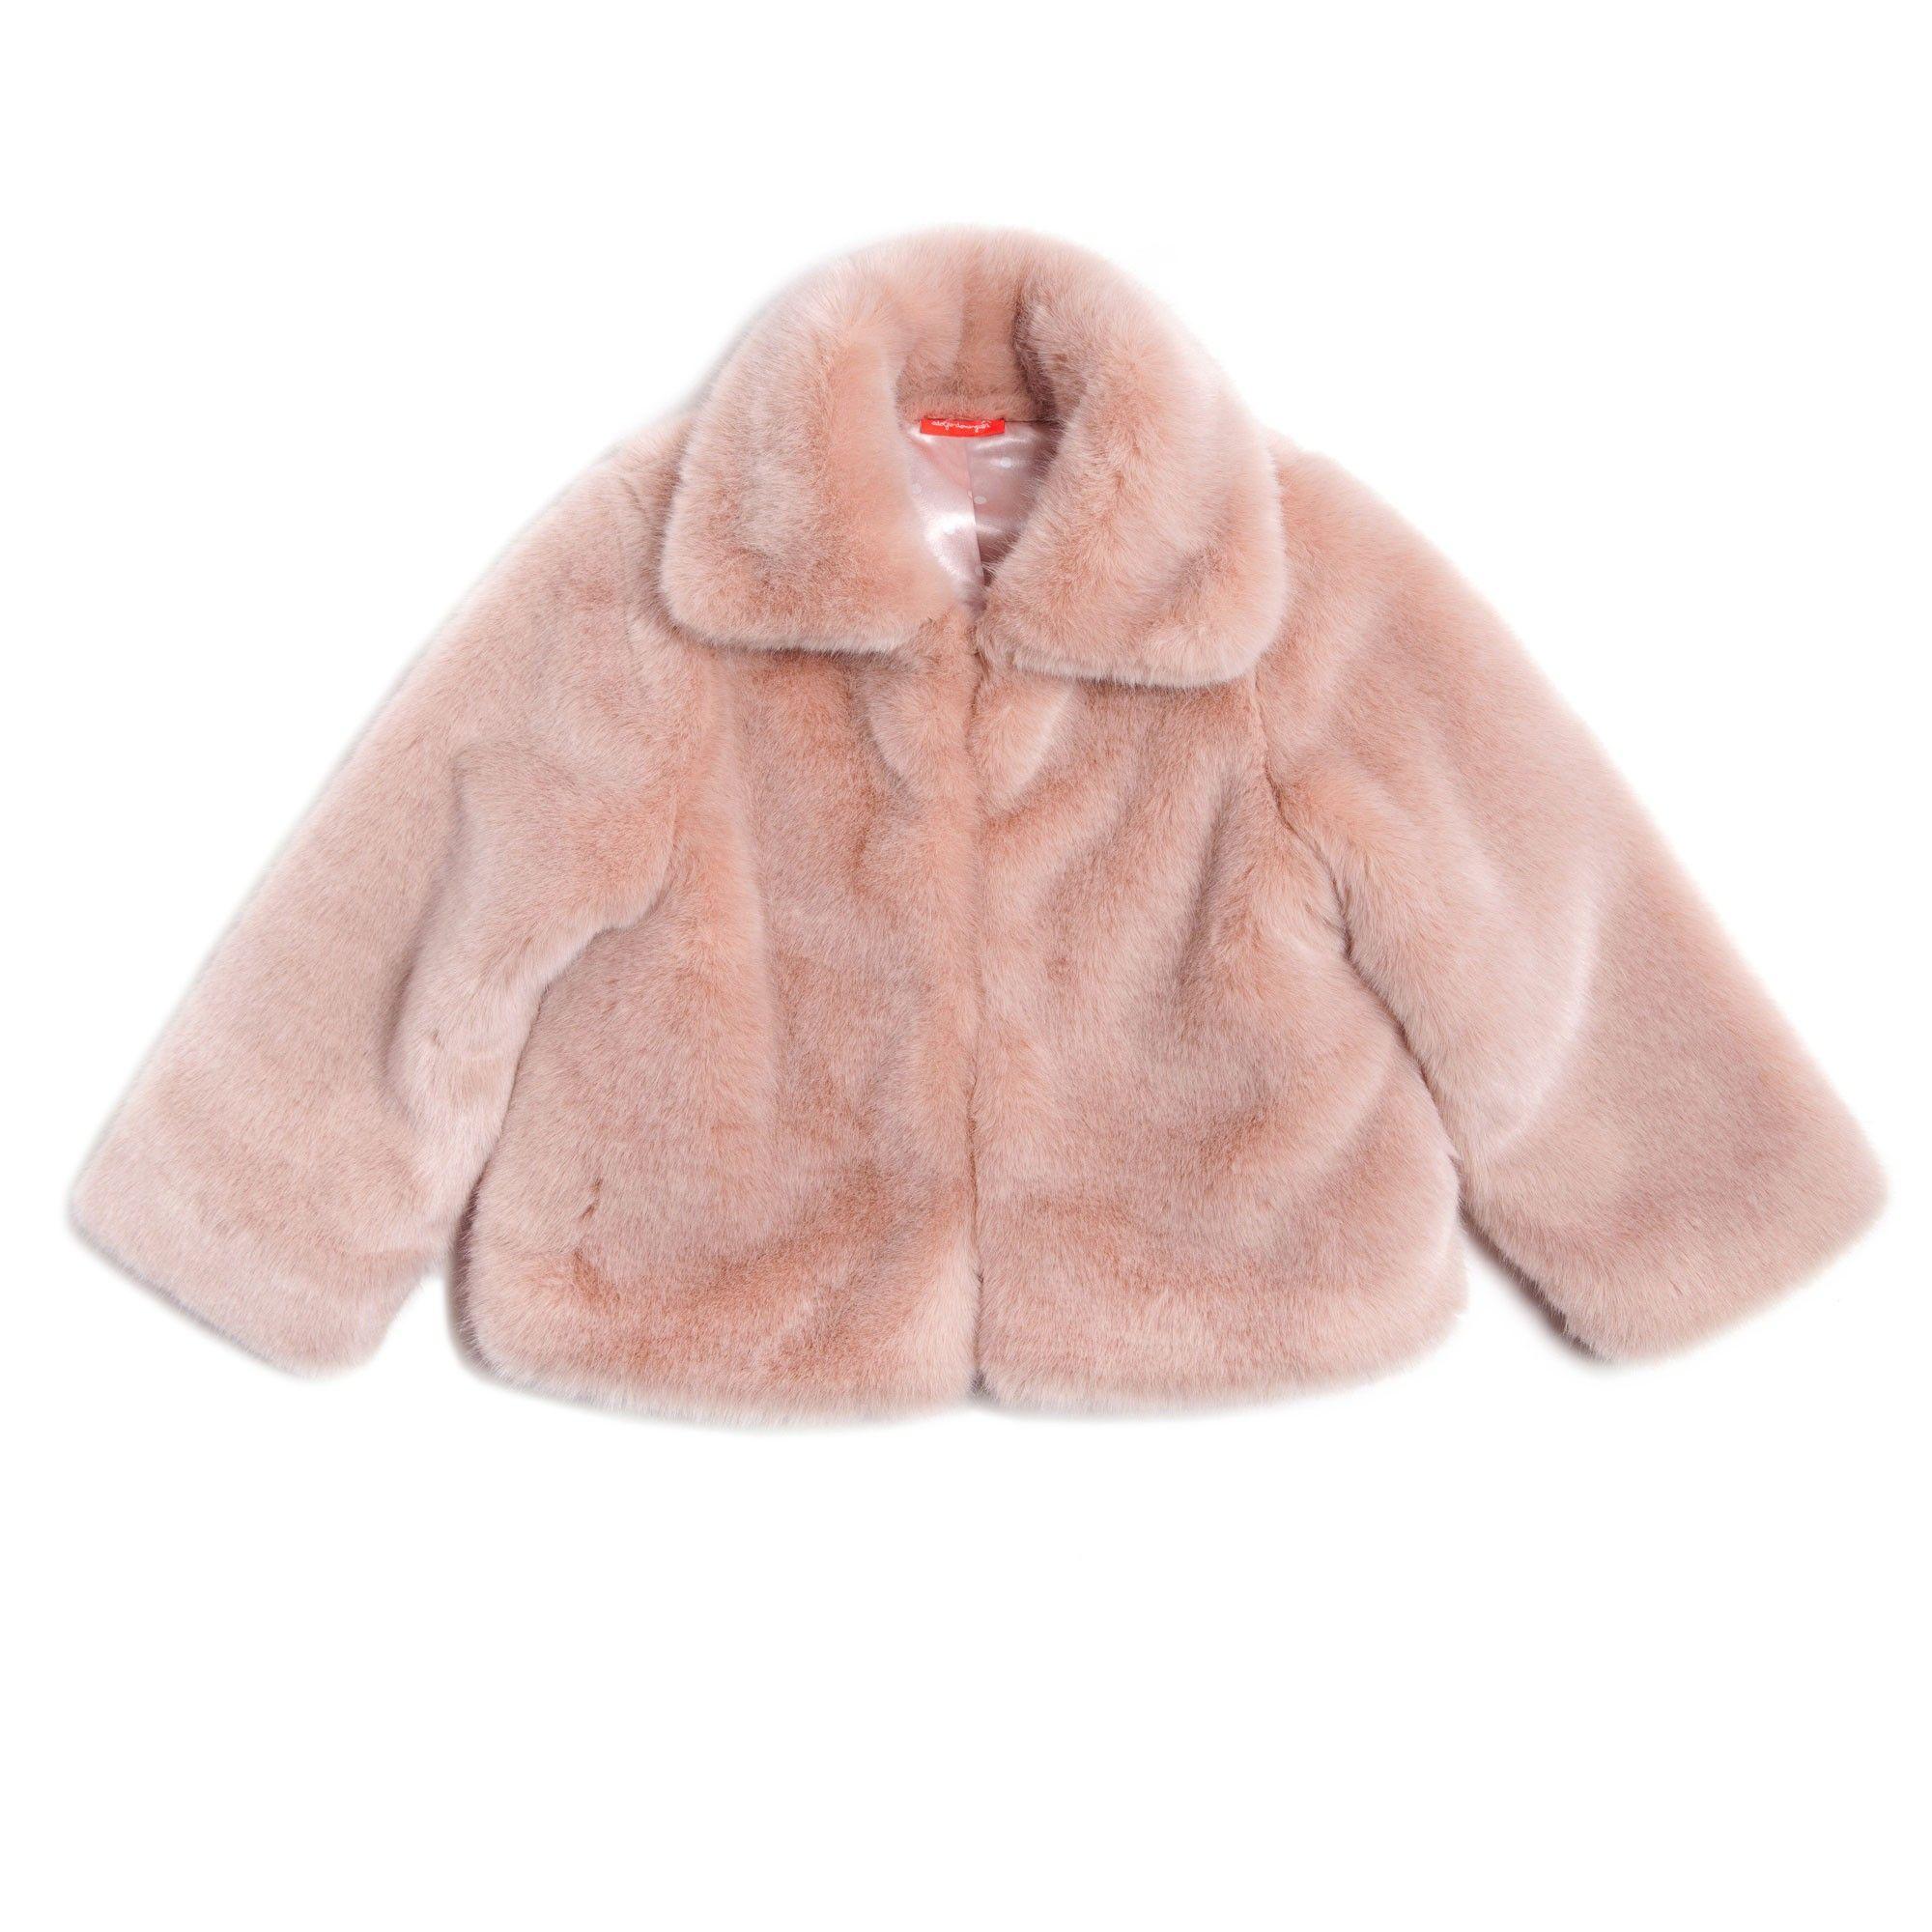 Abrigo peluche abrigos adolfo dominguez shop online for Abrigos adolfo dominguez outlet